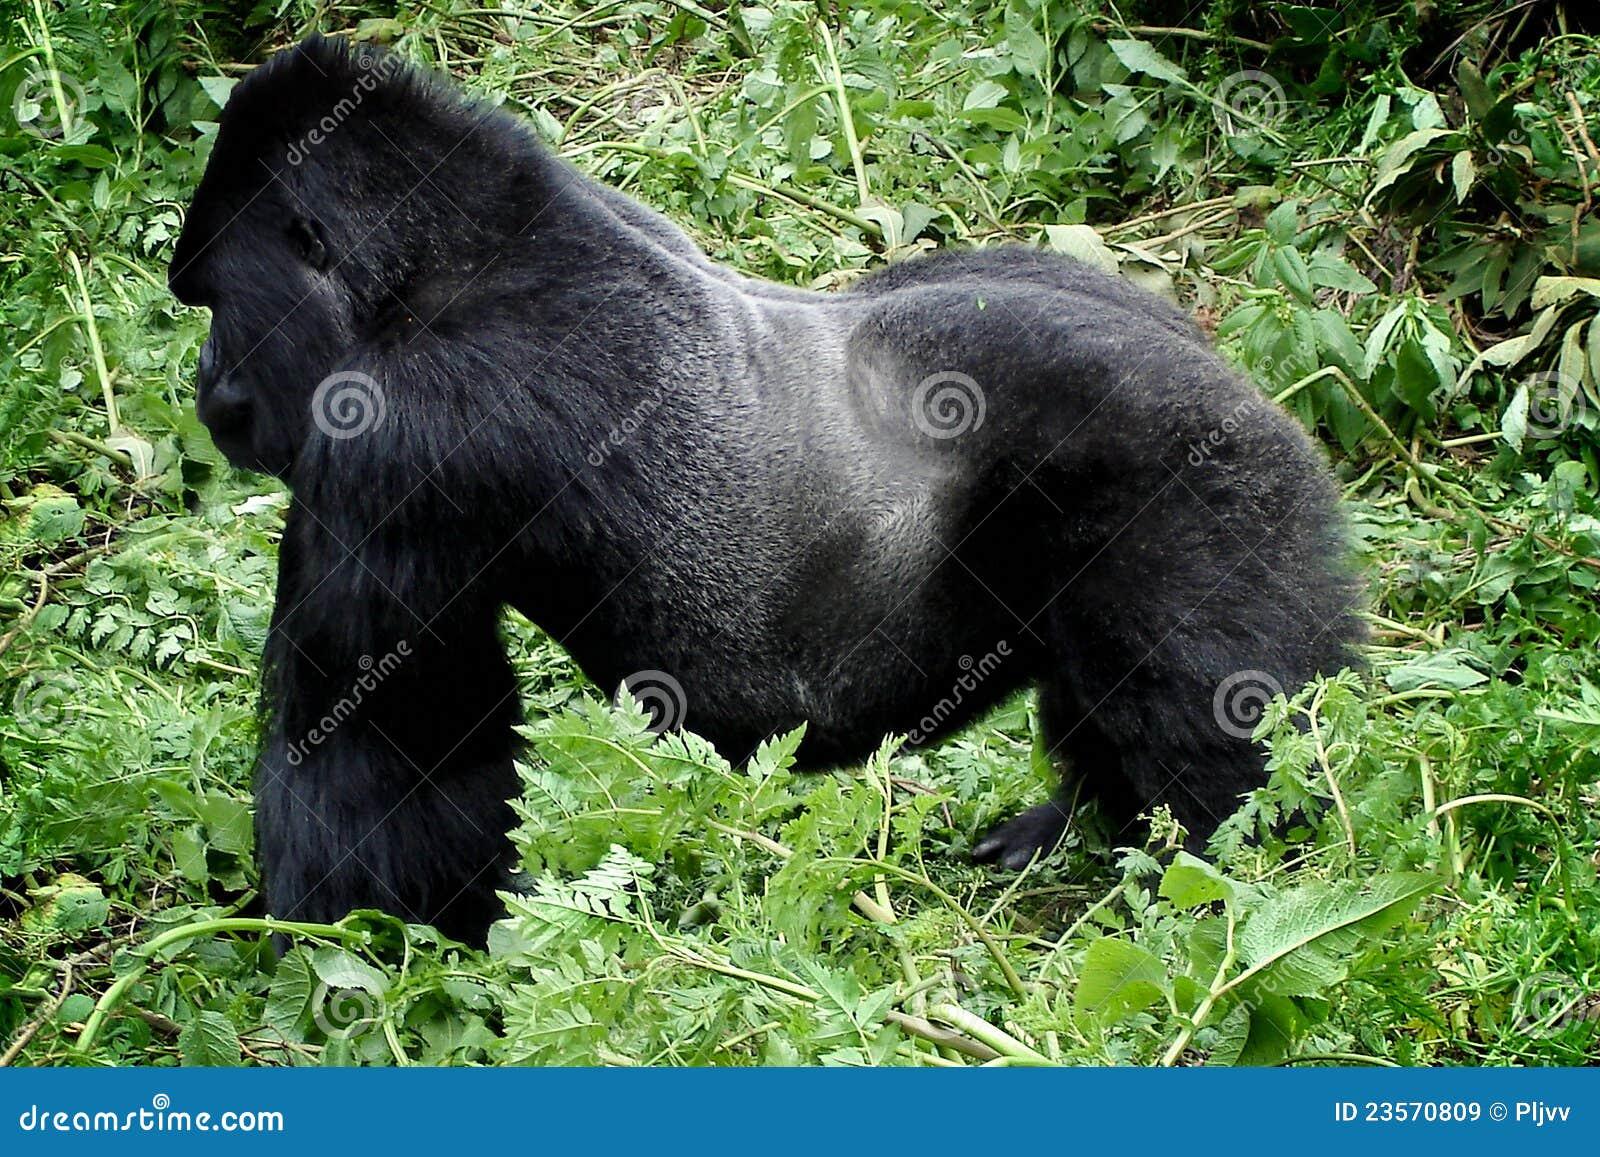 Wild Silverback Mountain Gorilla Royalty Free Stock Images